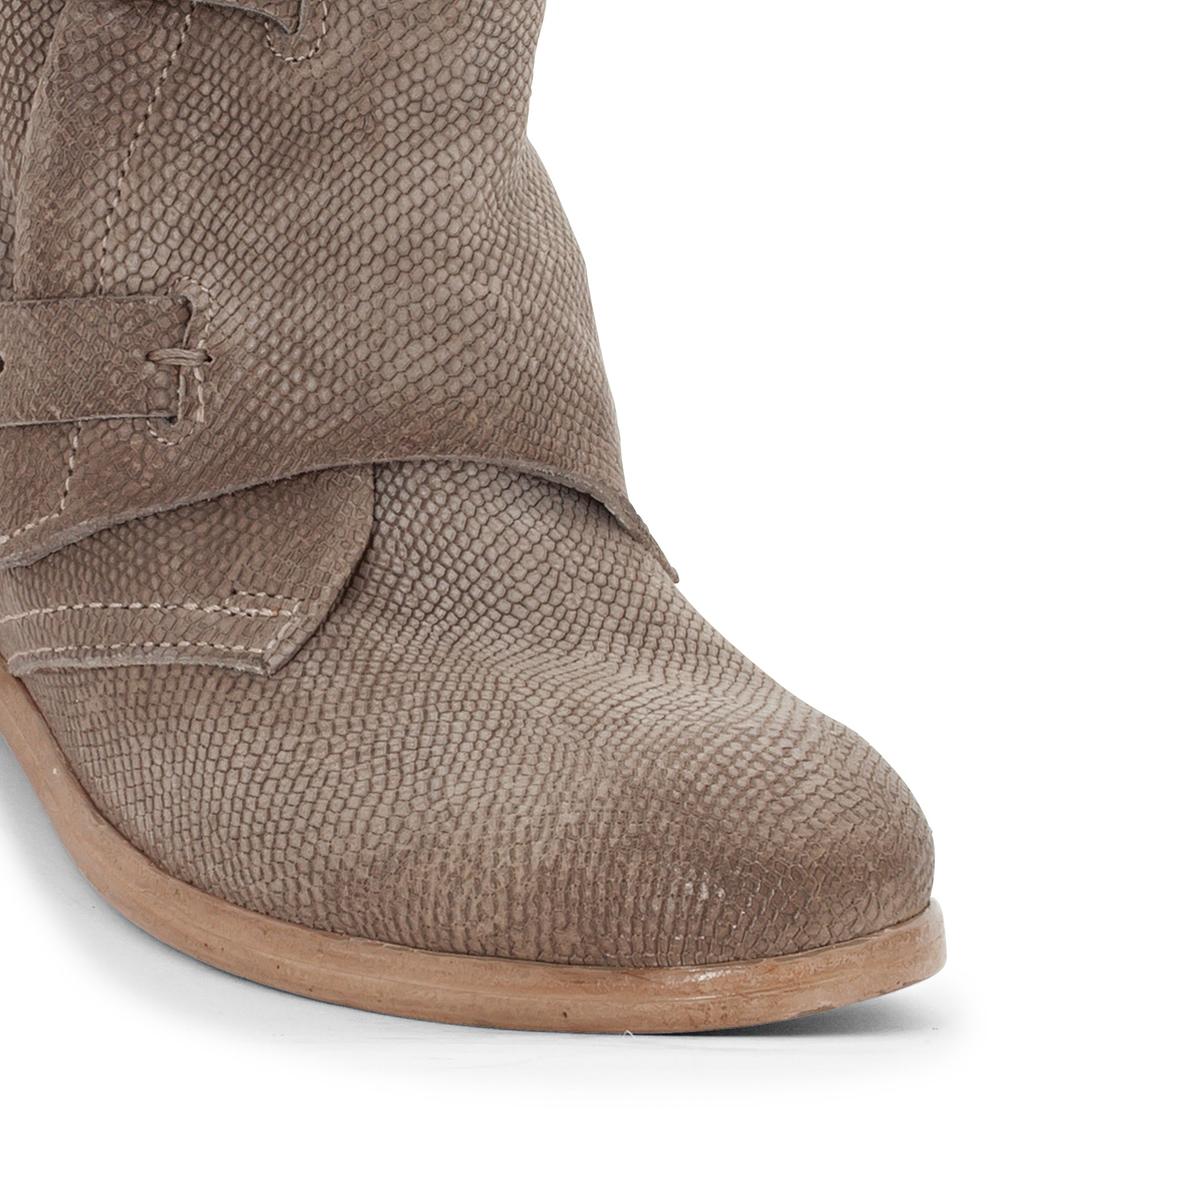 Сапоги кожаные NicoleВерх/Голенище: кожа.  Подкладка: кожа.  Стелька: кожа.  Подошва: резина.Высота каблука: 2 см.Форма каблука: плоский каблук.Мысок: закругленный.Застежка: на молнию.<br><br>Цвет: серо-коричневый<br>Размер: 40